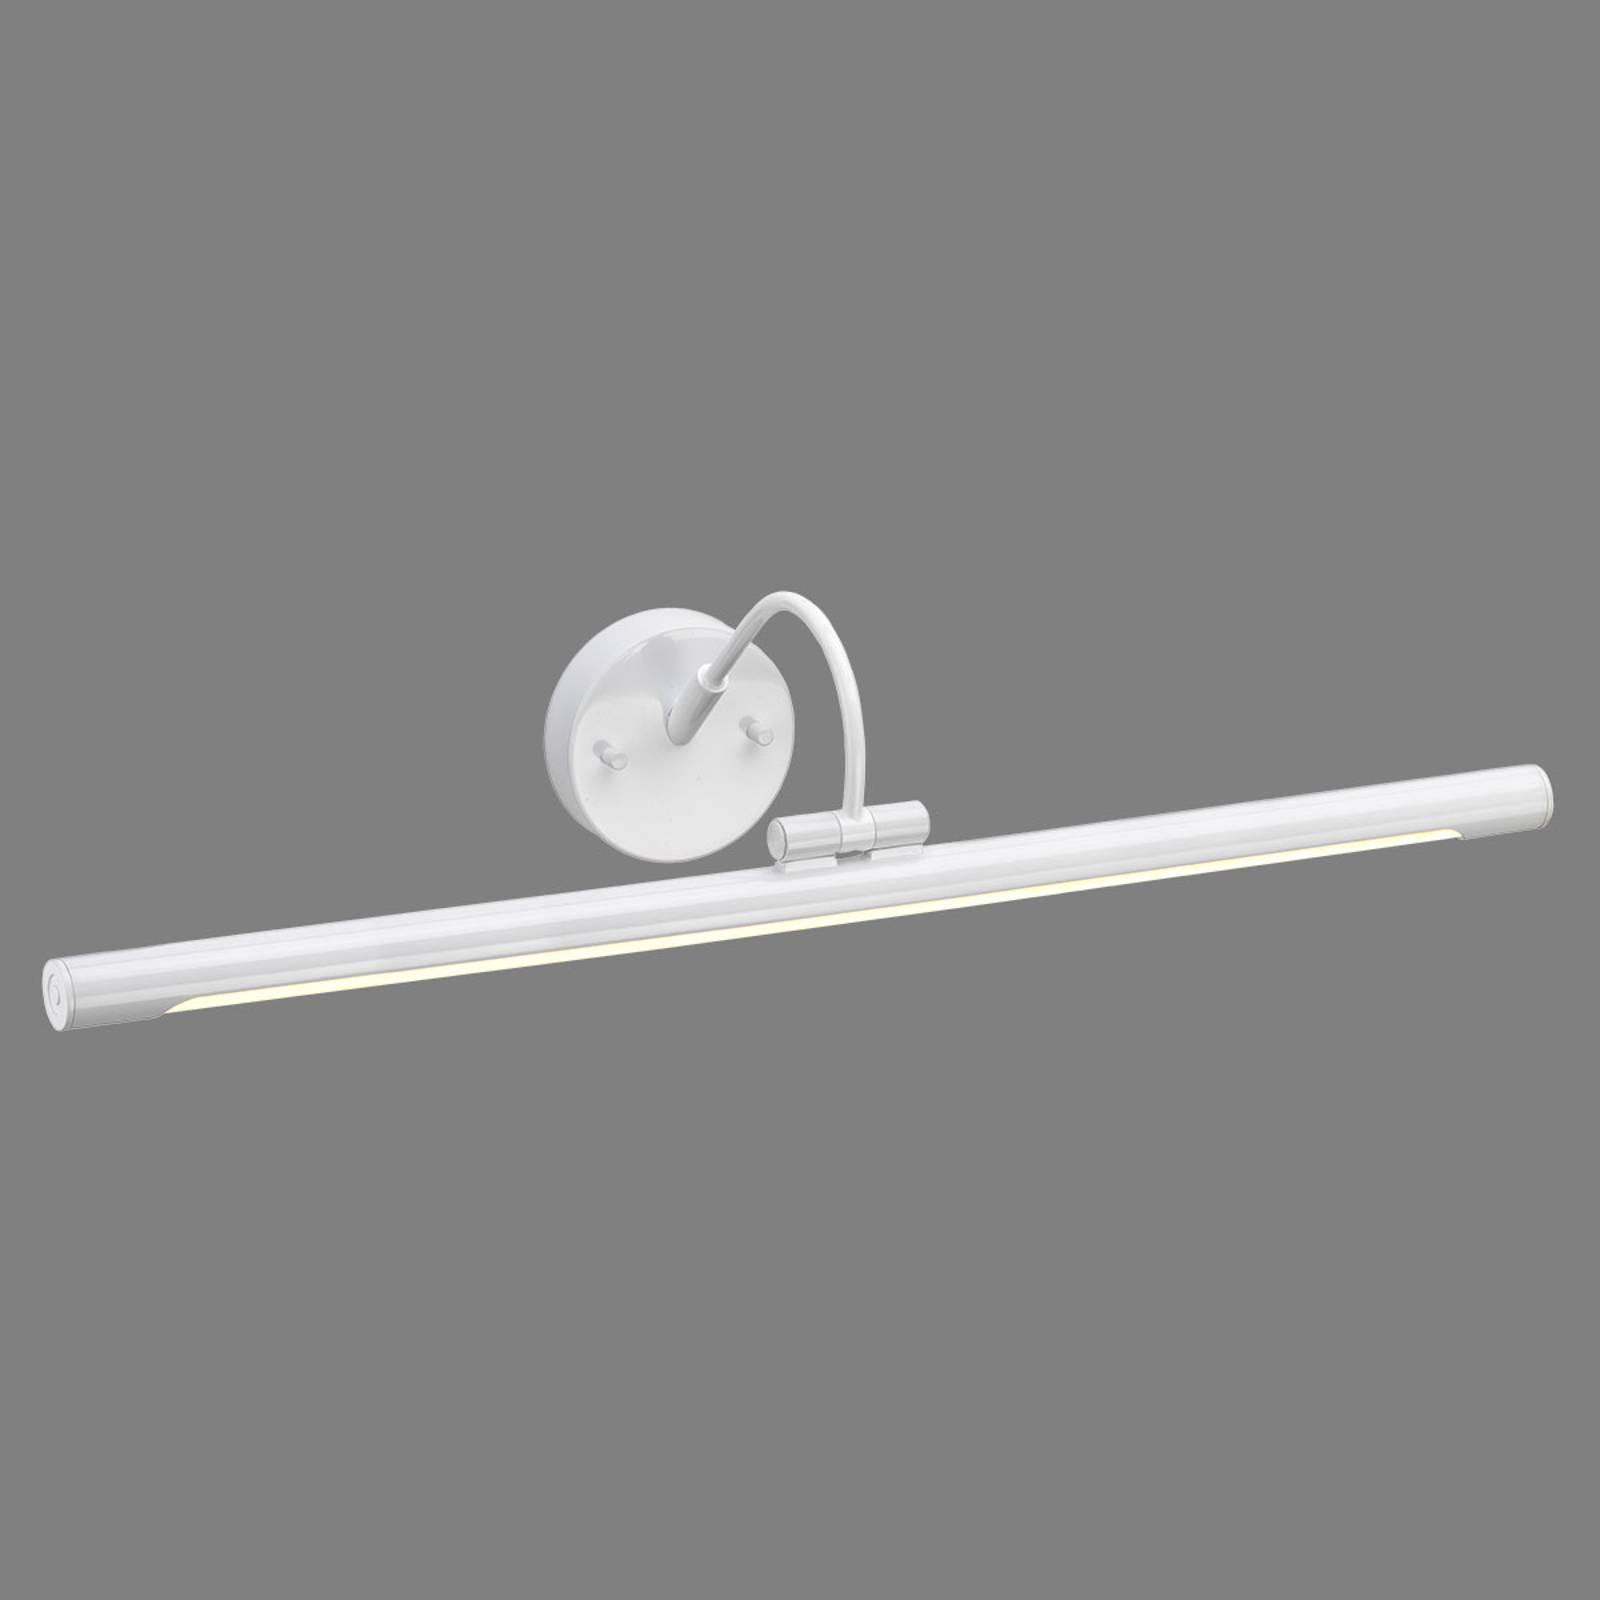 Applique pour tableau LED Alton en blanc, 67 cm